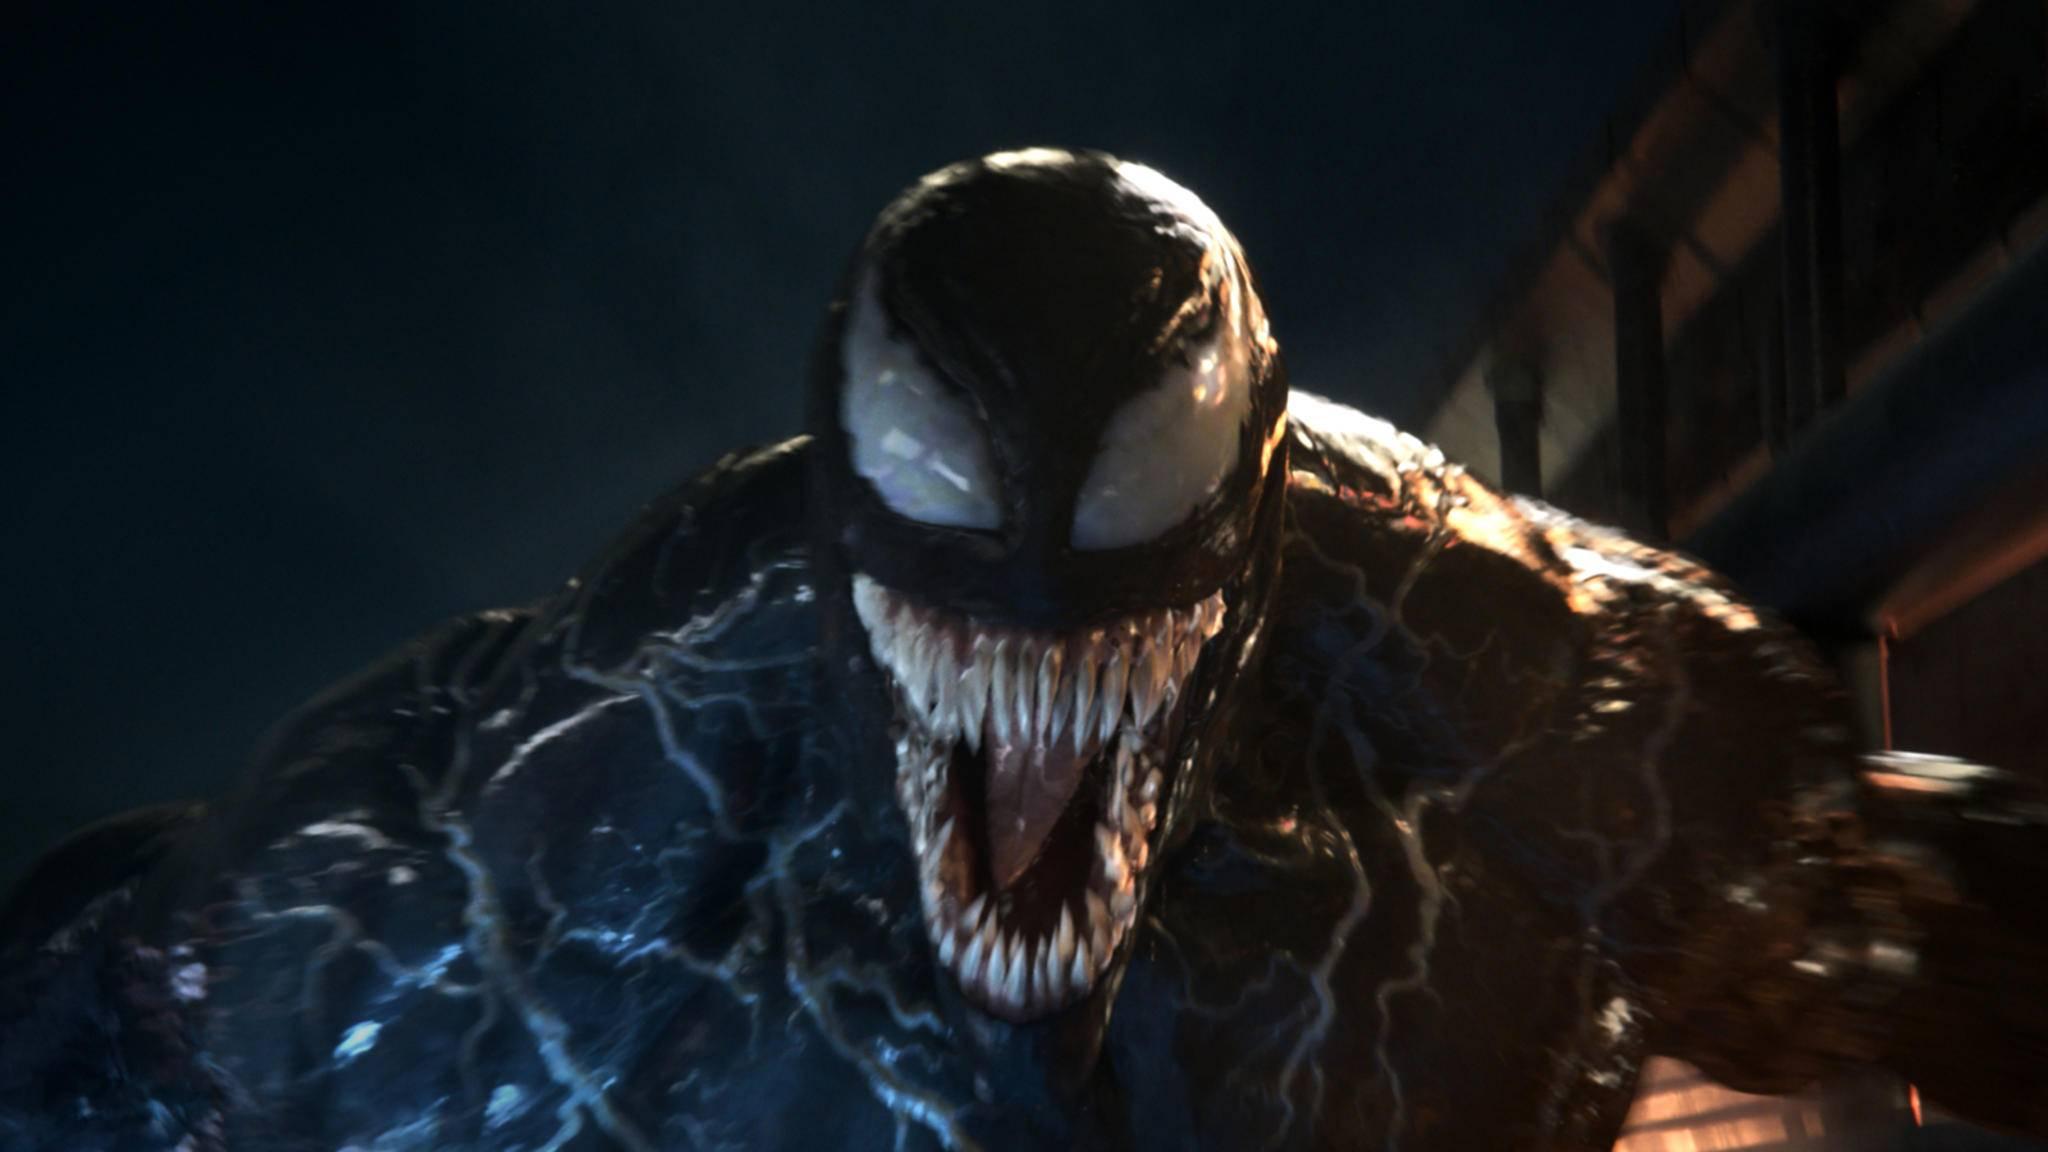 Fröhliches Lächeln, sympathische Ausstrahlung: So kennen und mögen wir Venom.